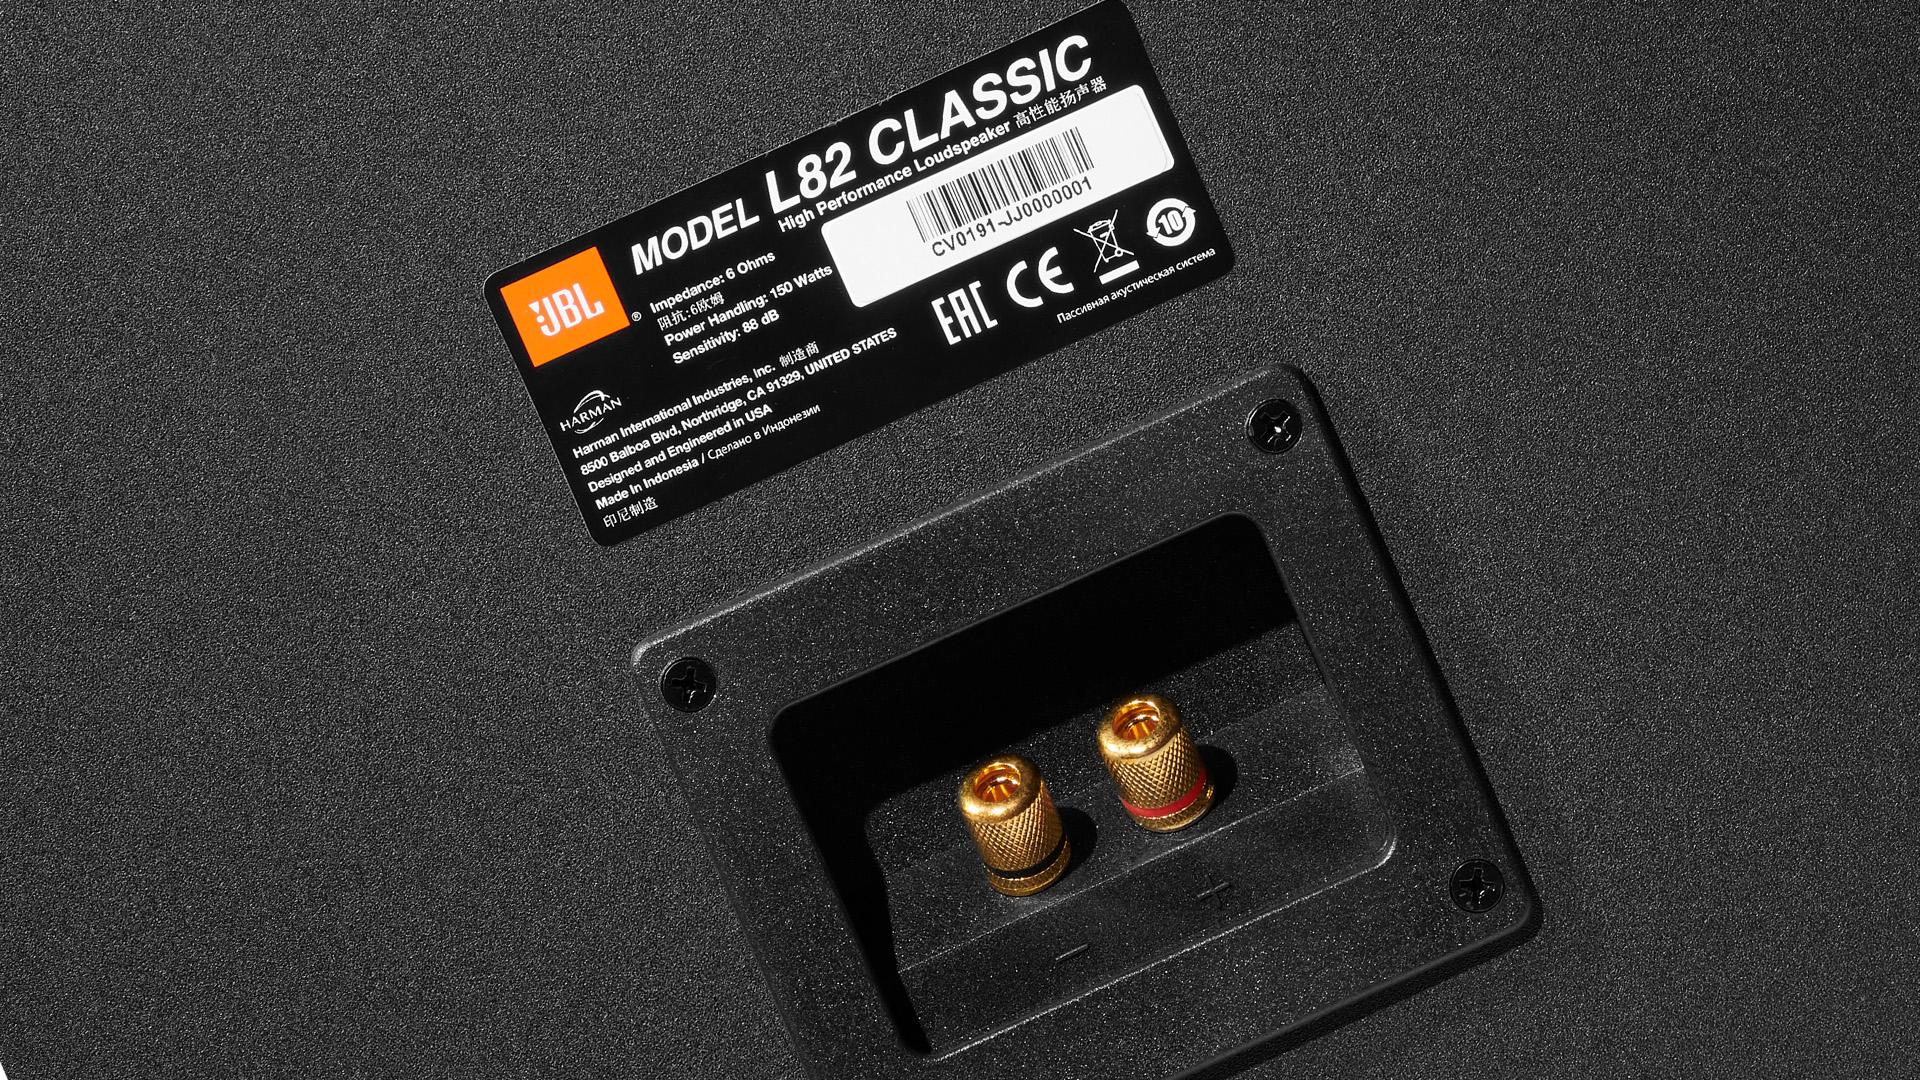 Компактный монитор с восьмидюймовым динамиком JBL L82 Classic – уже в России